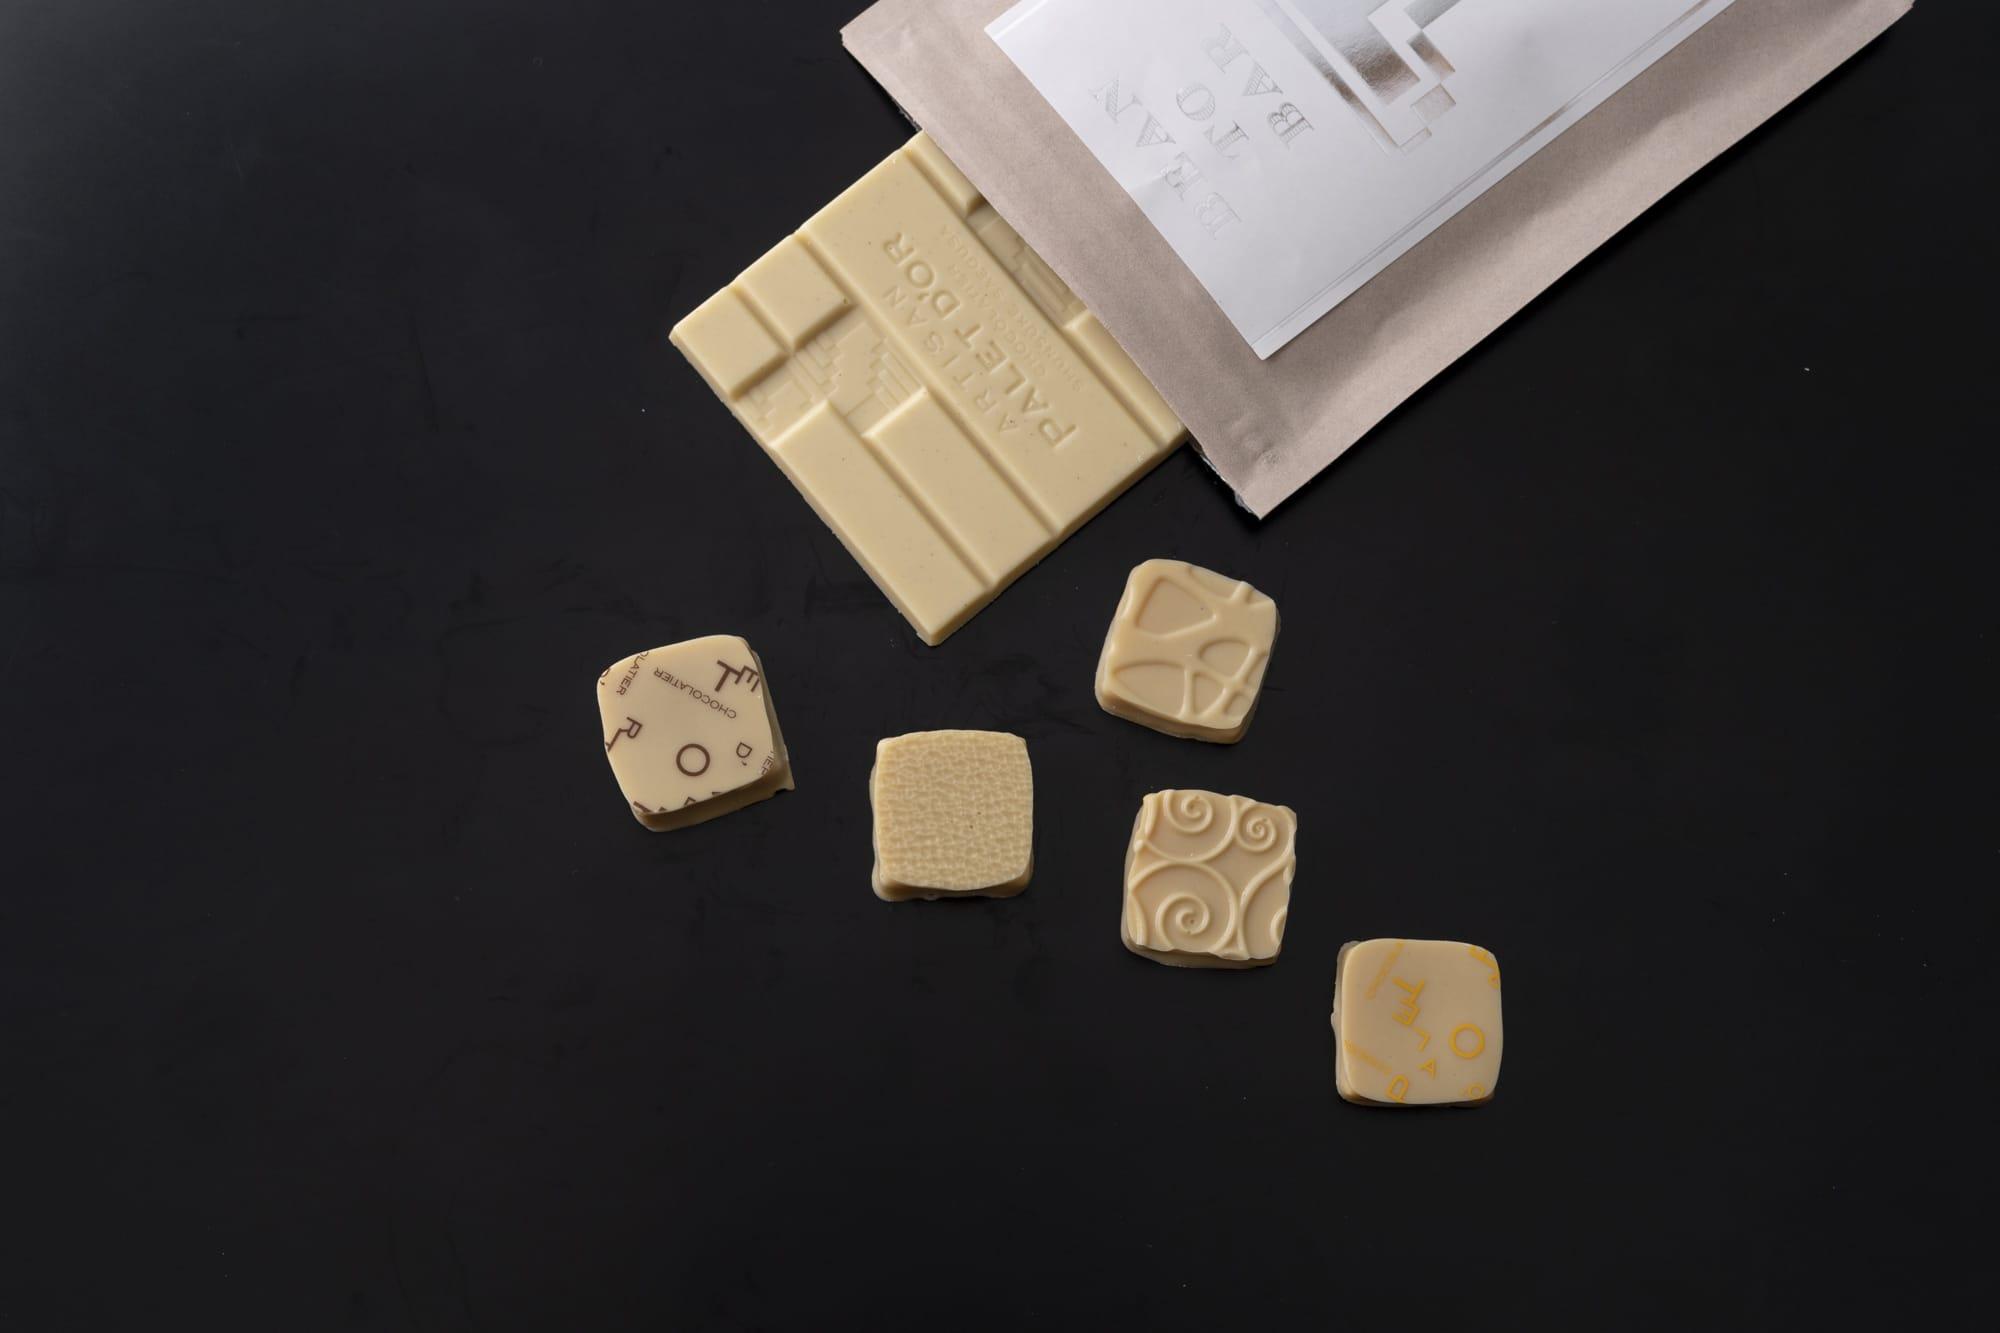 カカオのピュアな味をホワイトチョコレートにも生かせるのは自家製ならでは。タブレット テロワール ブラン「タンザニア」1,200円(税別)は、香りはまぎれもないカカオ、味はミルキーな甘さ。「コフレ ブラン」2,500円(税別)はホワイトチョコレートとフルーツ(あまおう / ライム&レモン / みかん / ゆず / マンゴー)の組み合わせ。フルーツの様々な酸味に新たな魅力を発見できる。